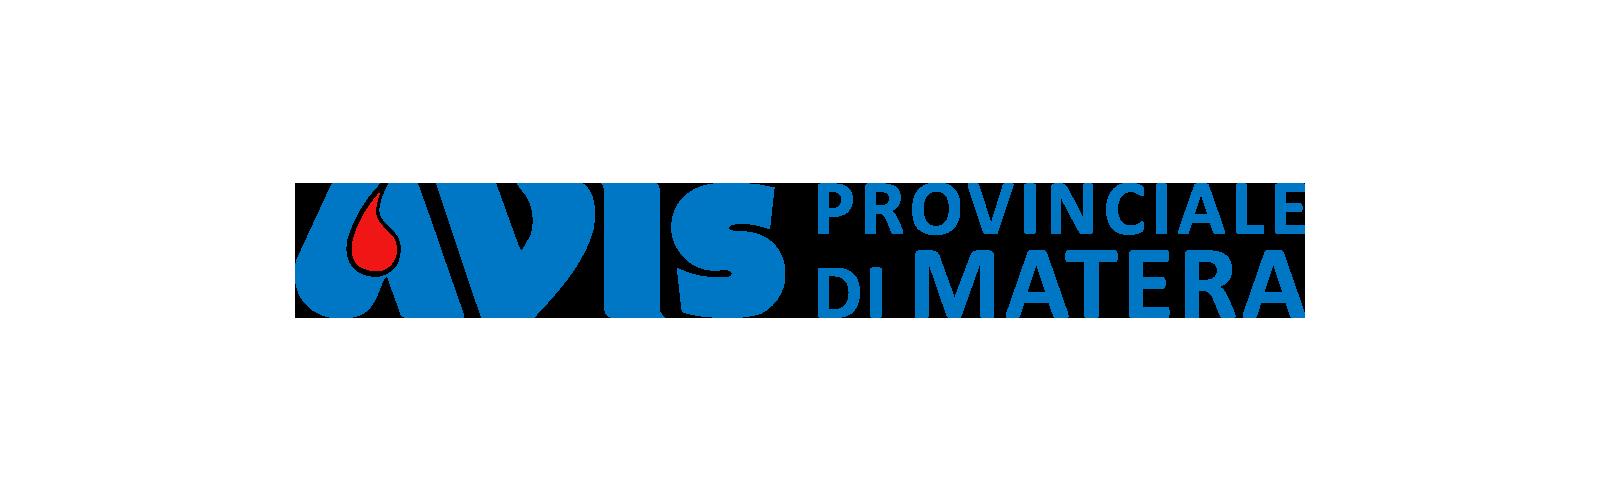 Avis Provinciale Matera